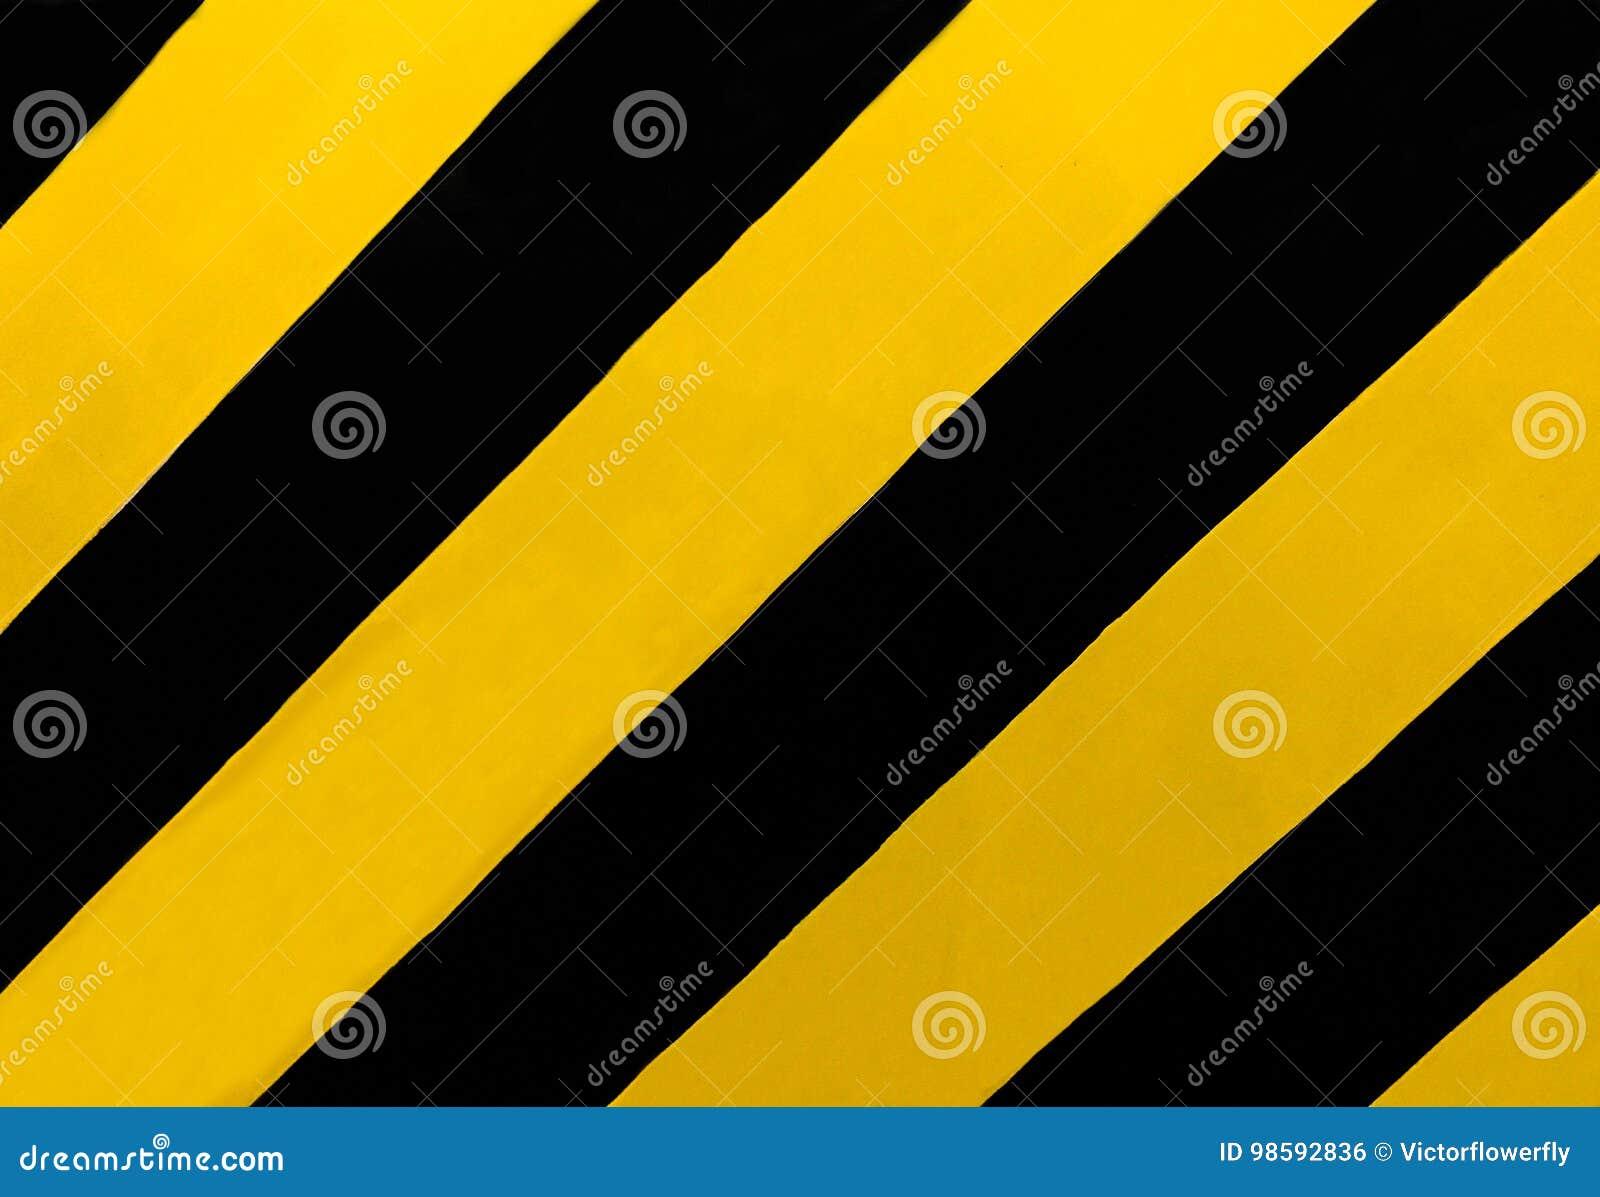 Verkehrszeichen: Ein rechteckiges Zeichen mit diagonalen gelben und schwarzen Streifen, wohin es einen Medianwert oder andere Beh